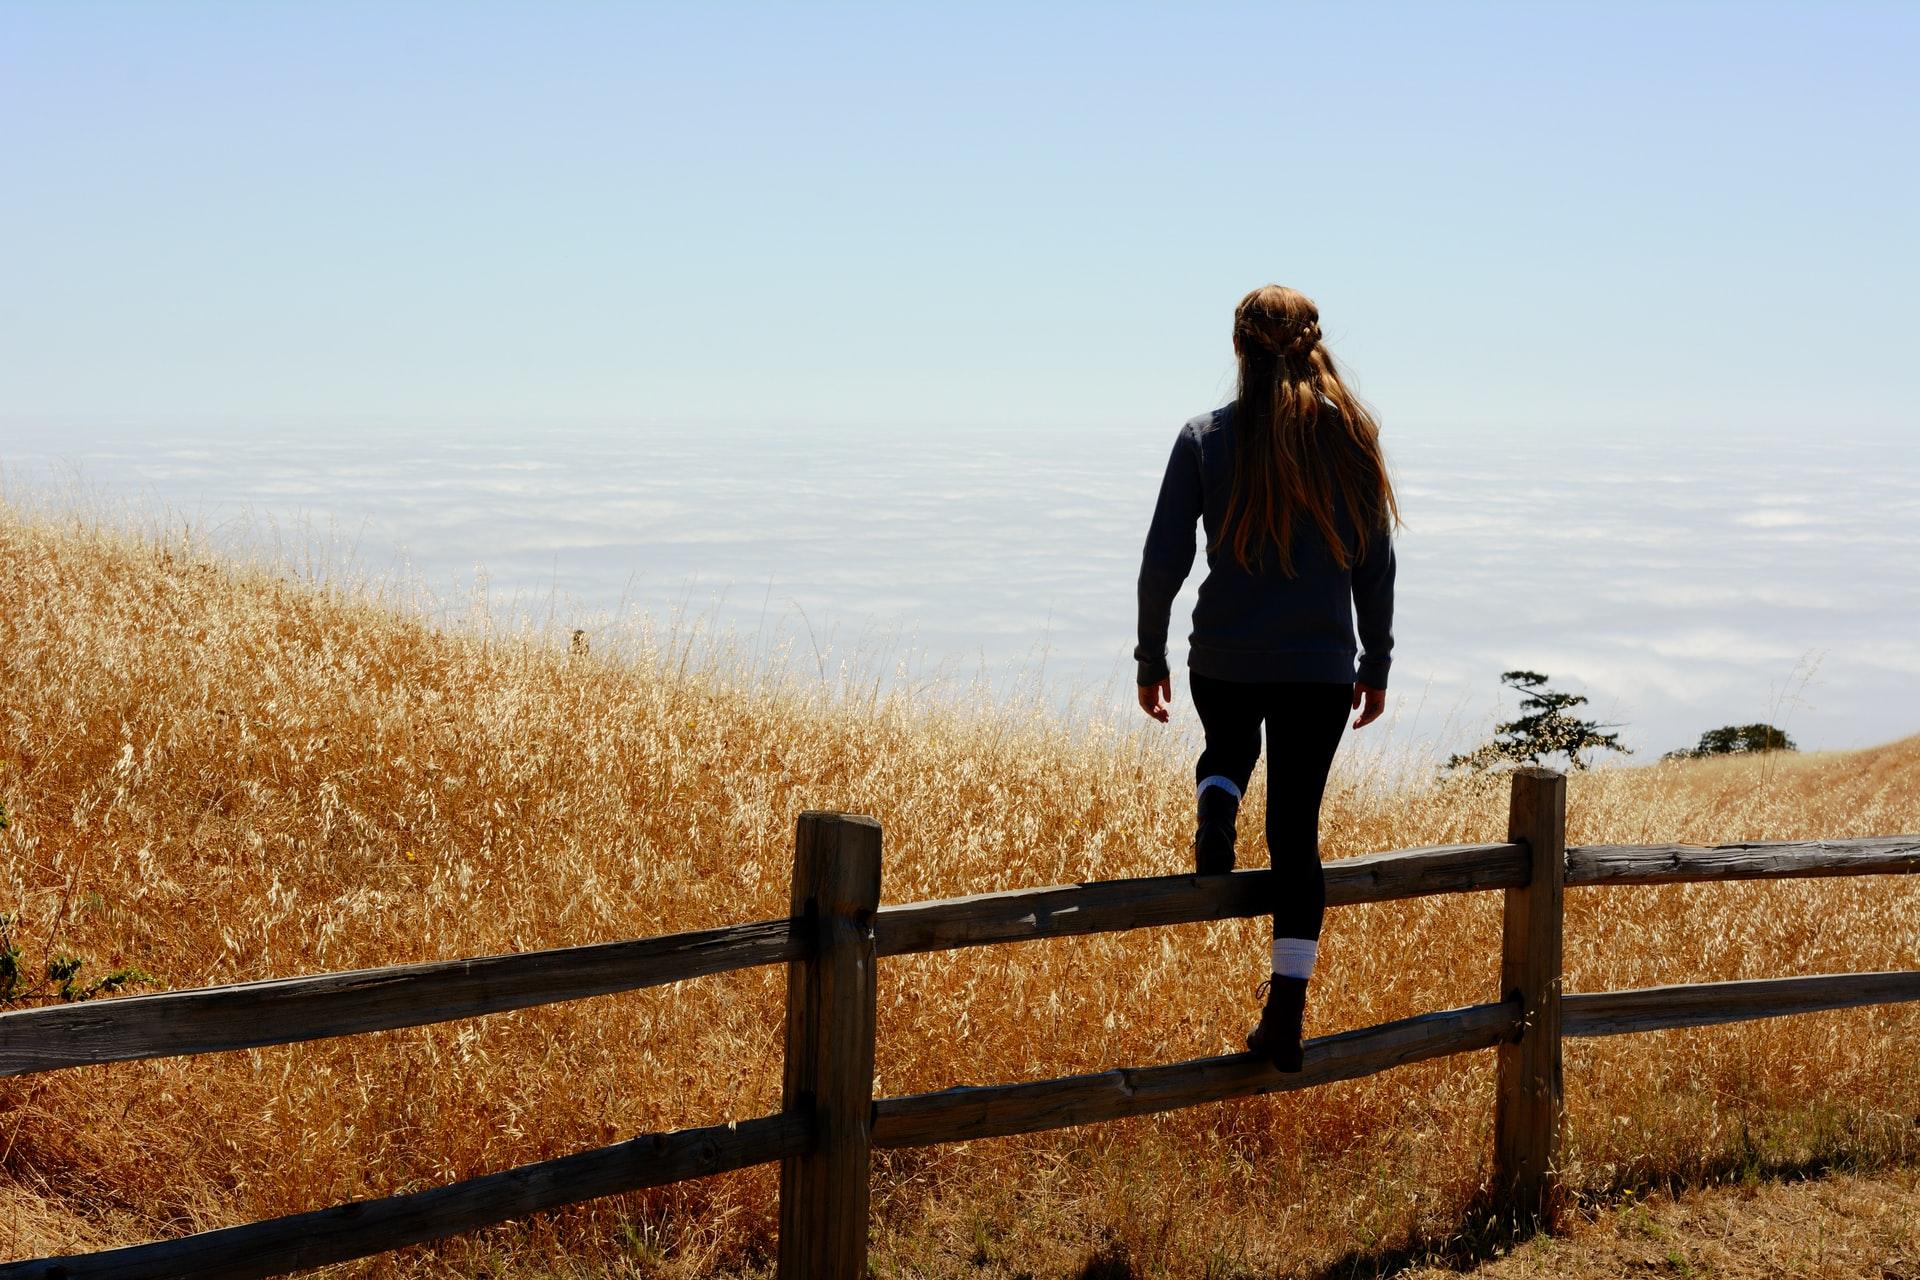 kvinna klättrar över ett staket